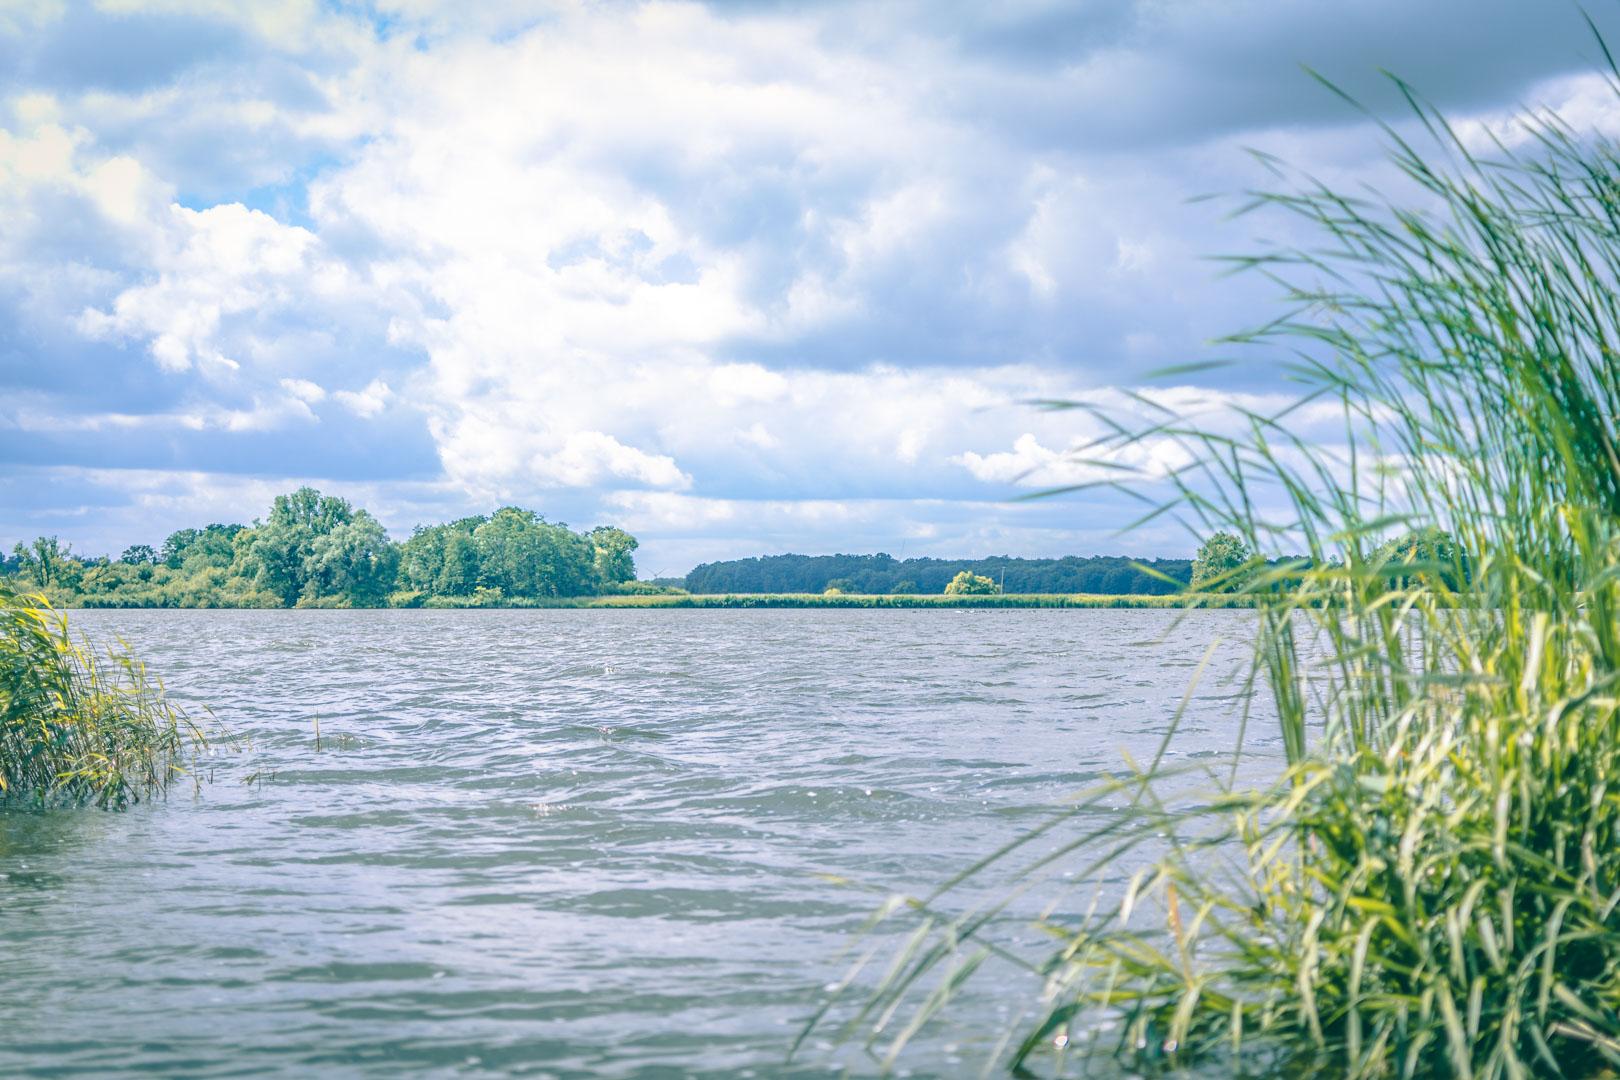 Erholung am Wasser